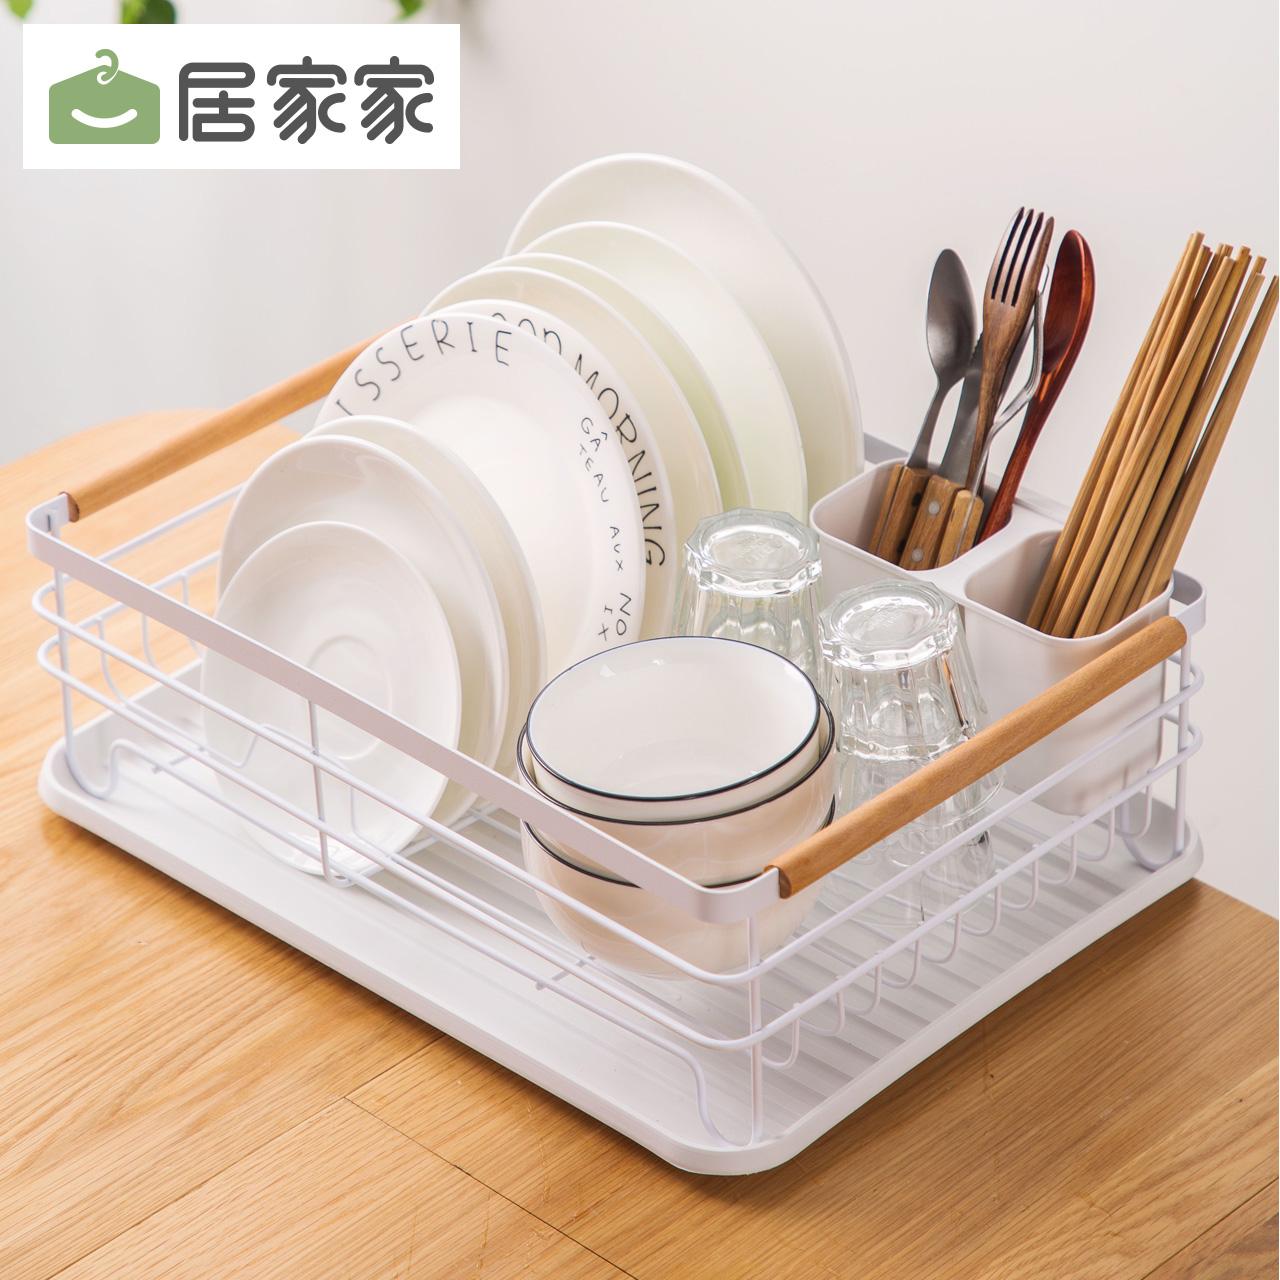 居家家厨房碗碟架放碗架碗筷沥水架碗柜装餐具置物架收纳盒收纳架